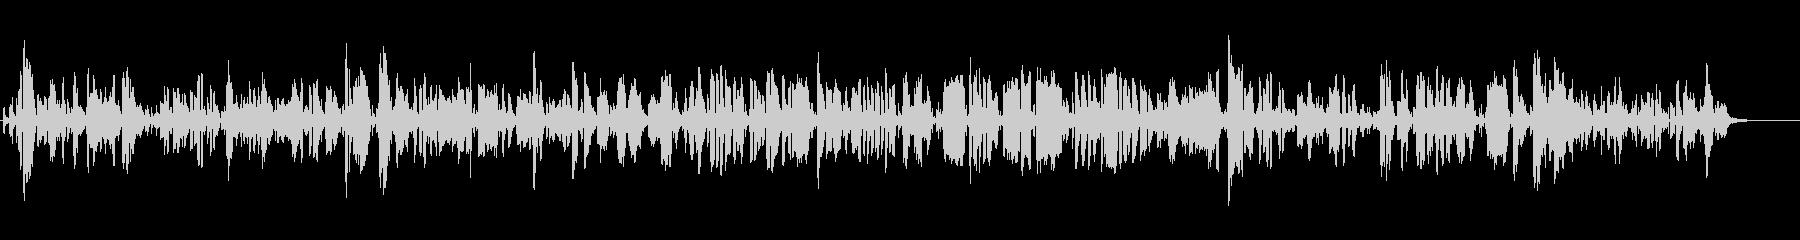 明るく爽やかなジャズ|映像・CM・ラジオの未再生の波形